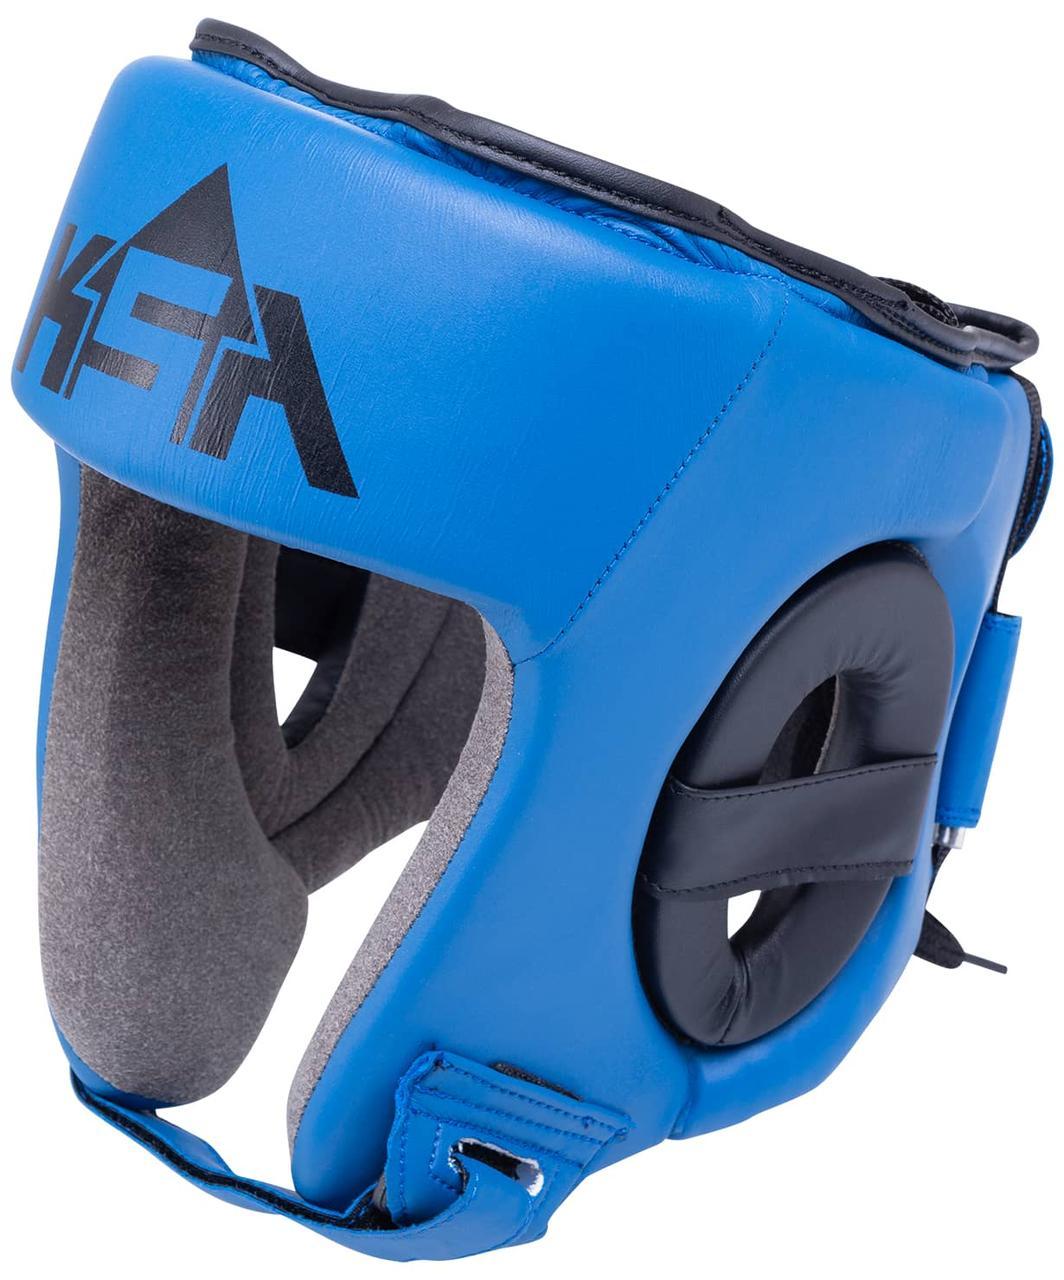 Шлем открытый Champ Blue, L KSA